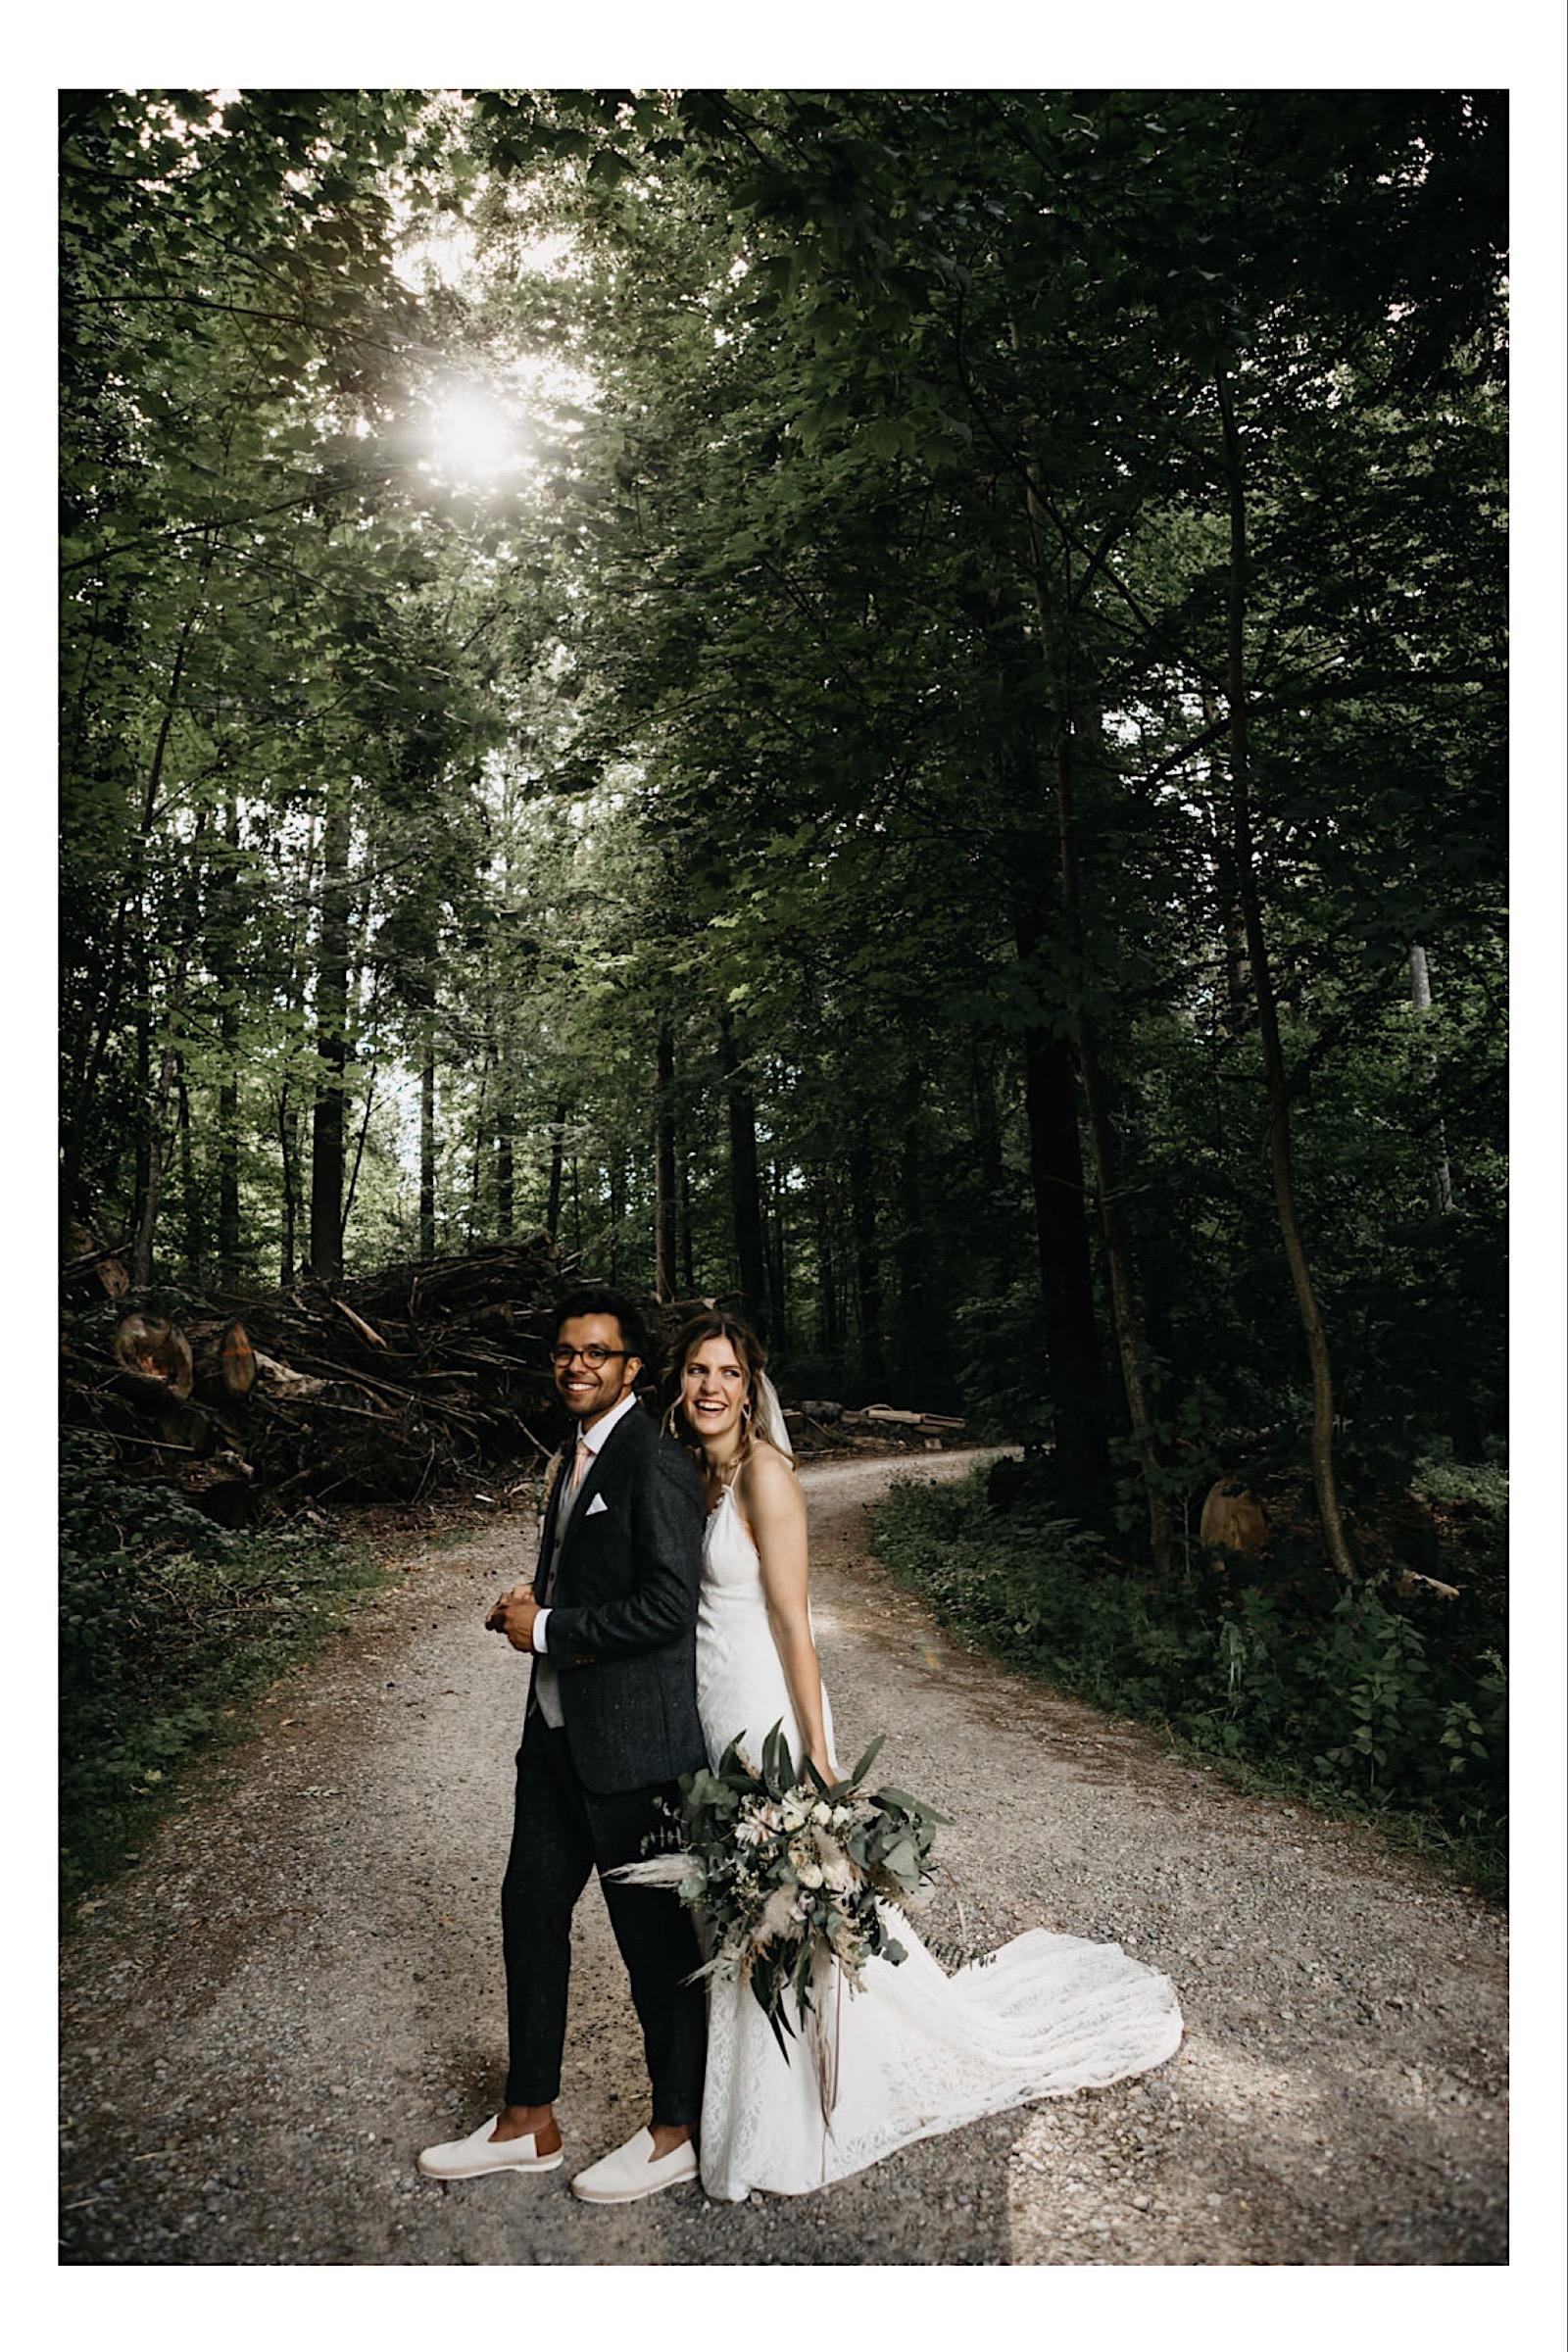 03_bohowedding_afterweddingshoot_elopement_switzerland (14 von 55).jpg